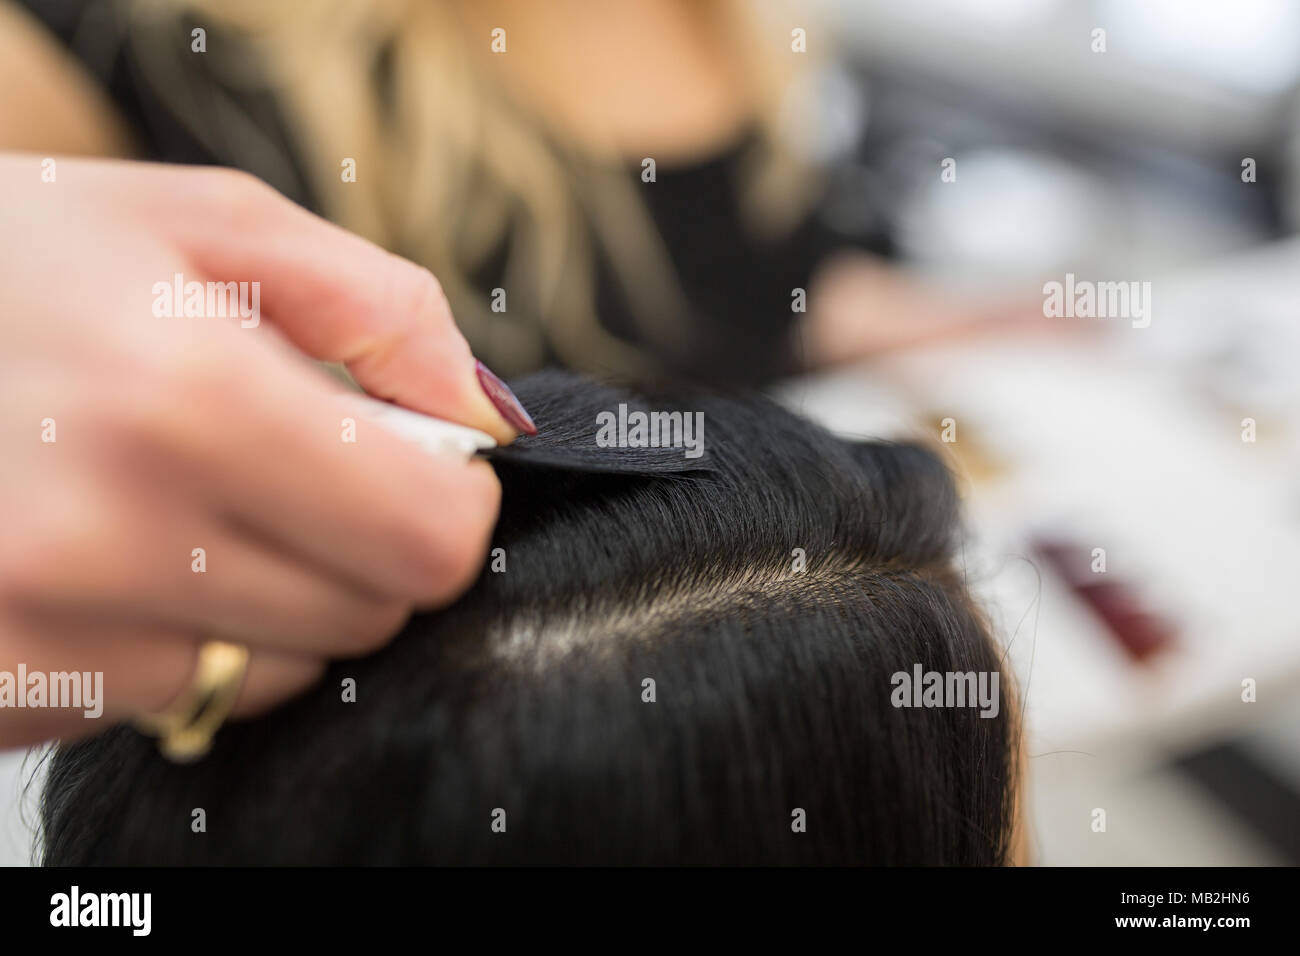 Close up portrait of coiffure part mettre couleur de cheveux échantillon à la tête du client Photo Stock